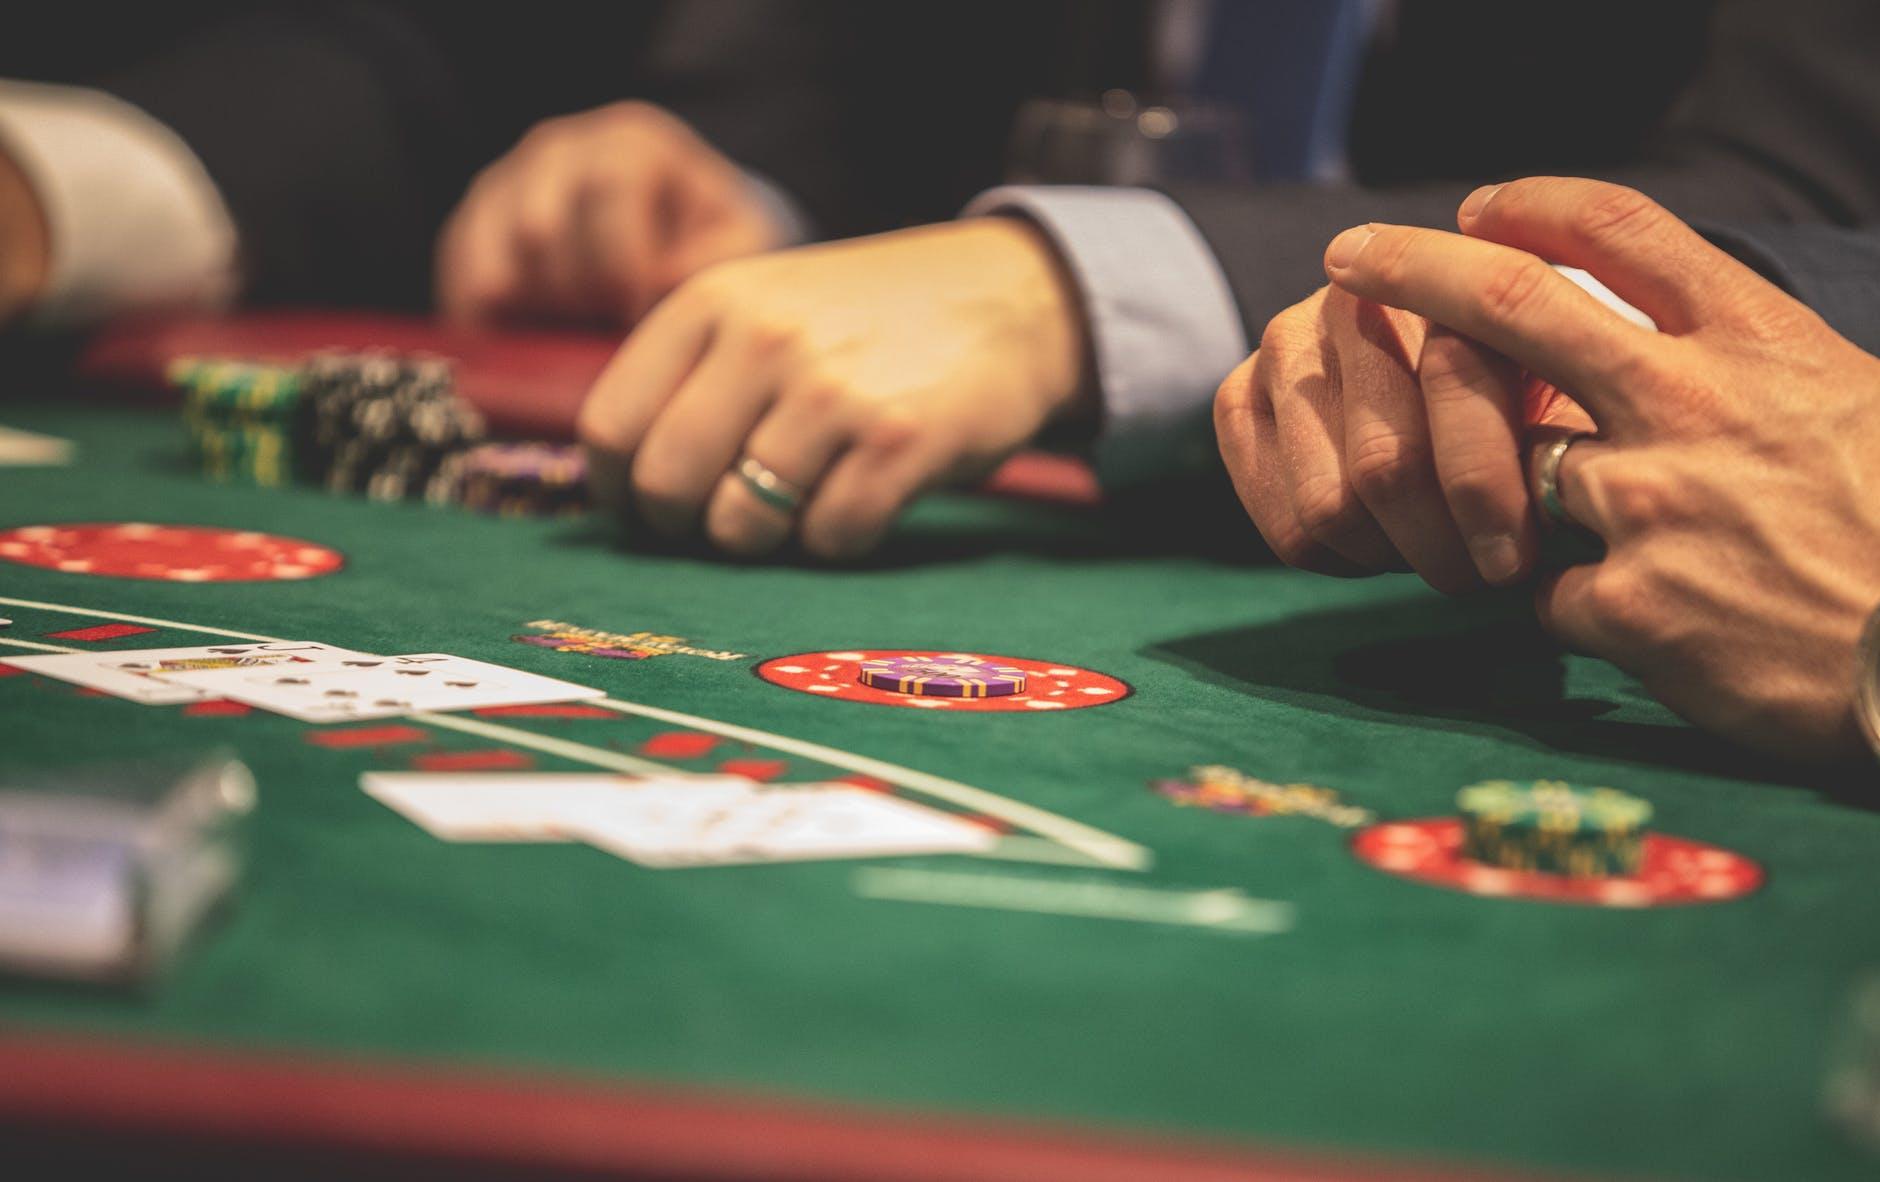 Los 5 Juegos de Casino con los premios más increíbles 1